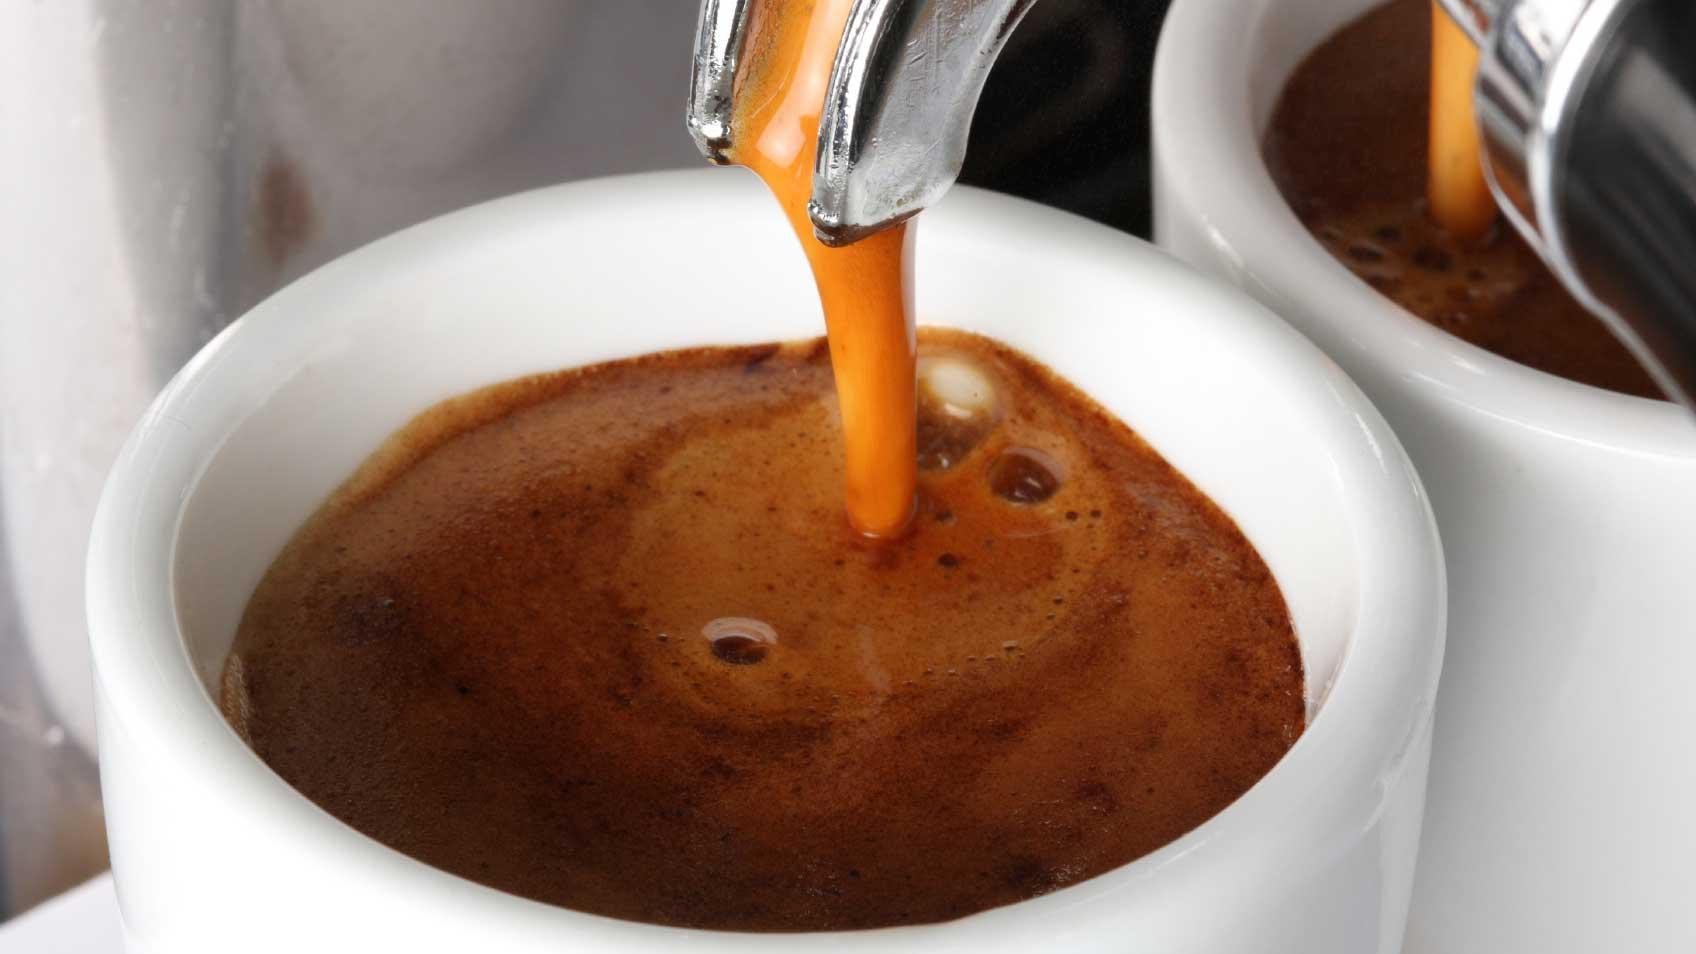 Kinh nghiệm tìm mua cà phê nguyên chất ở Sài Gòn